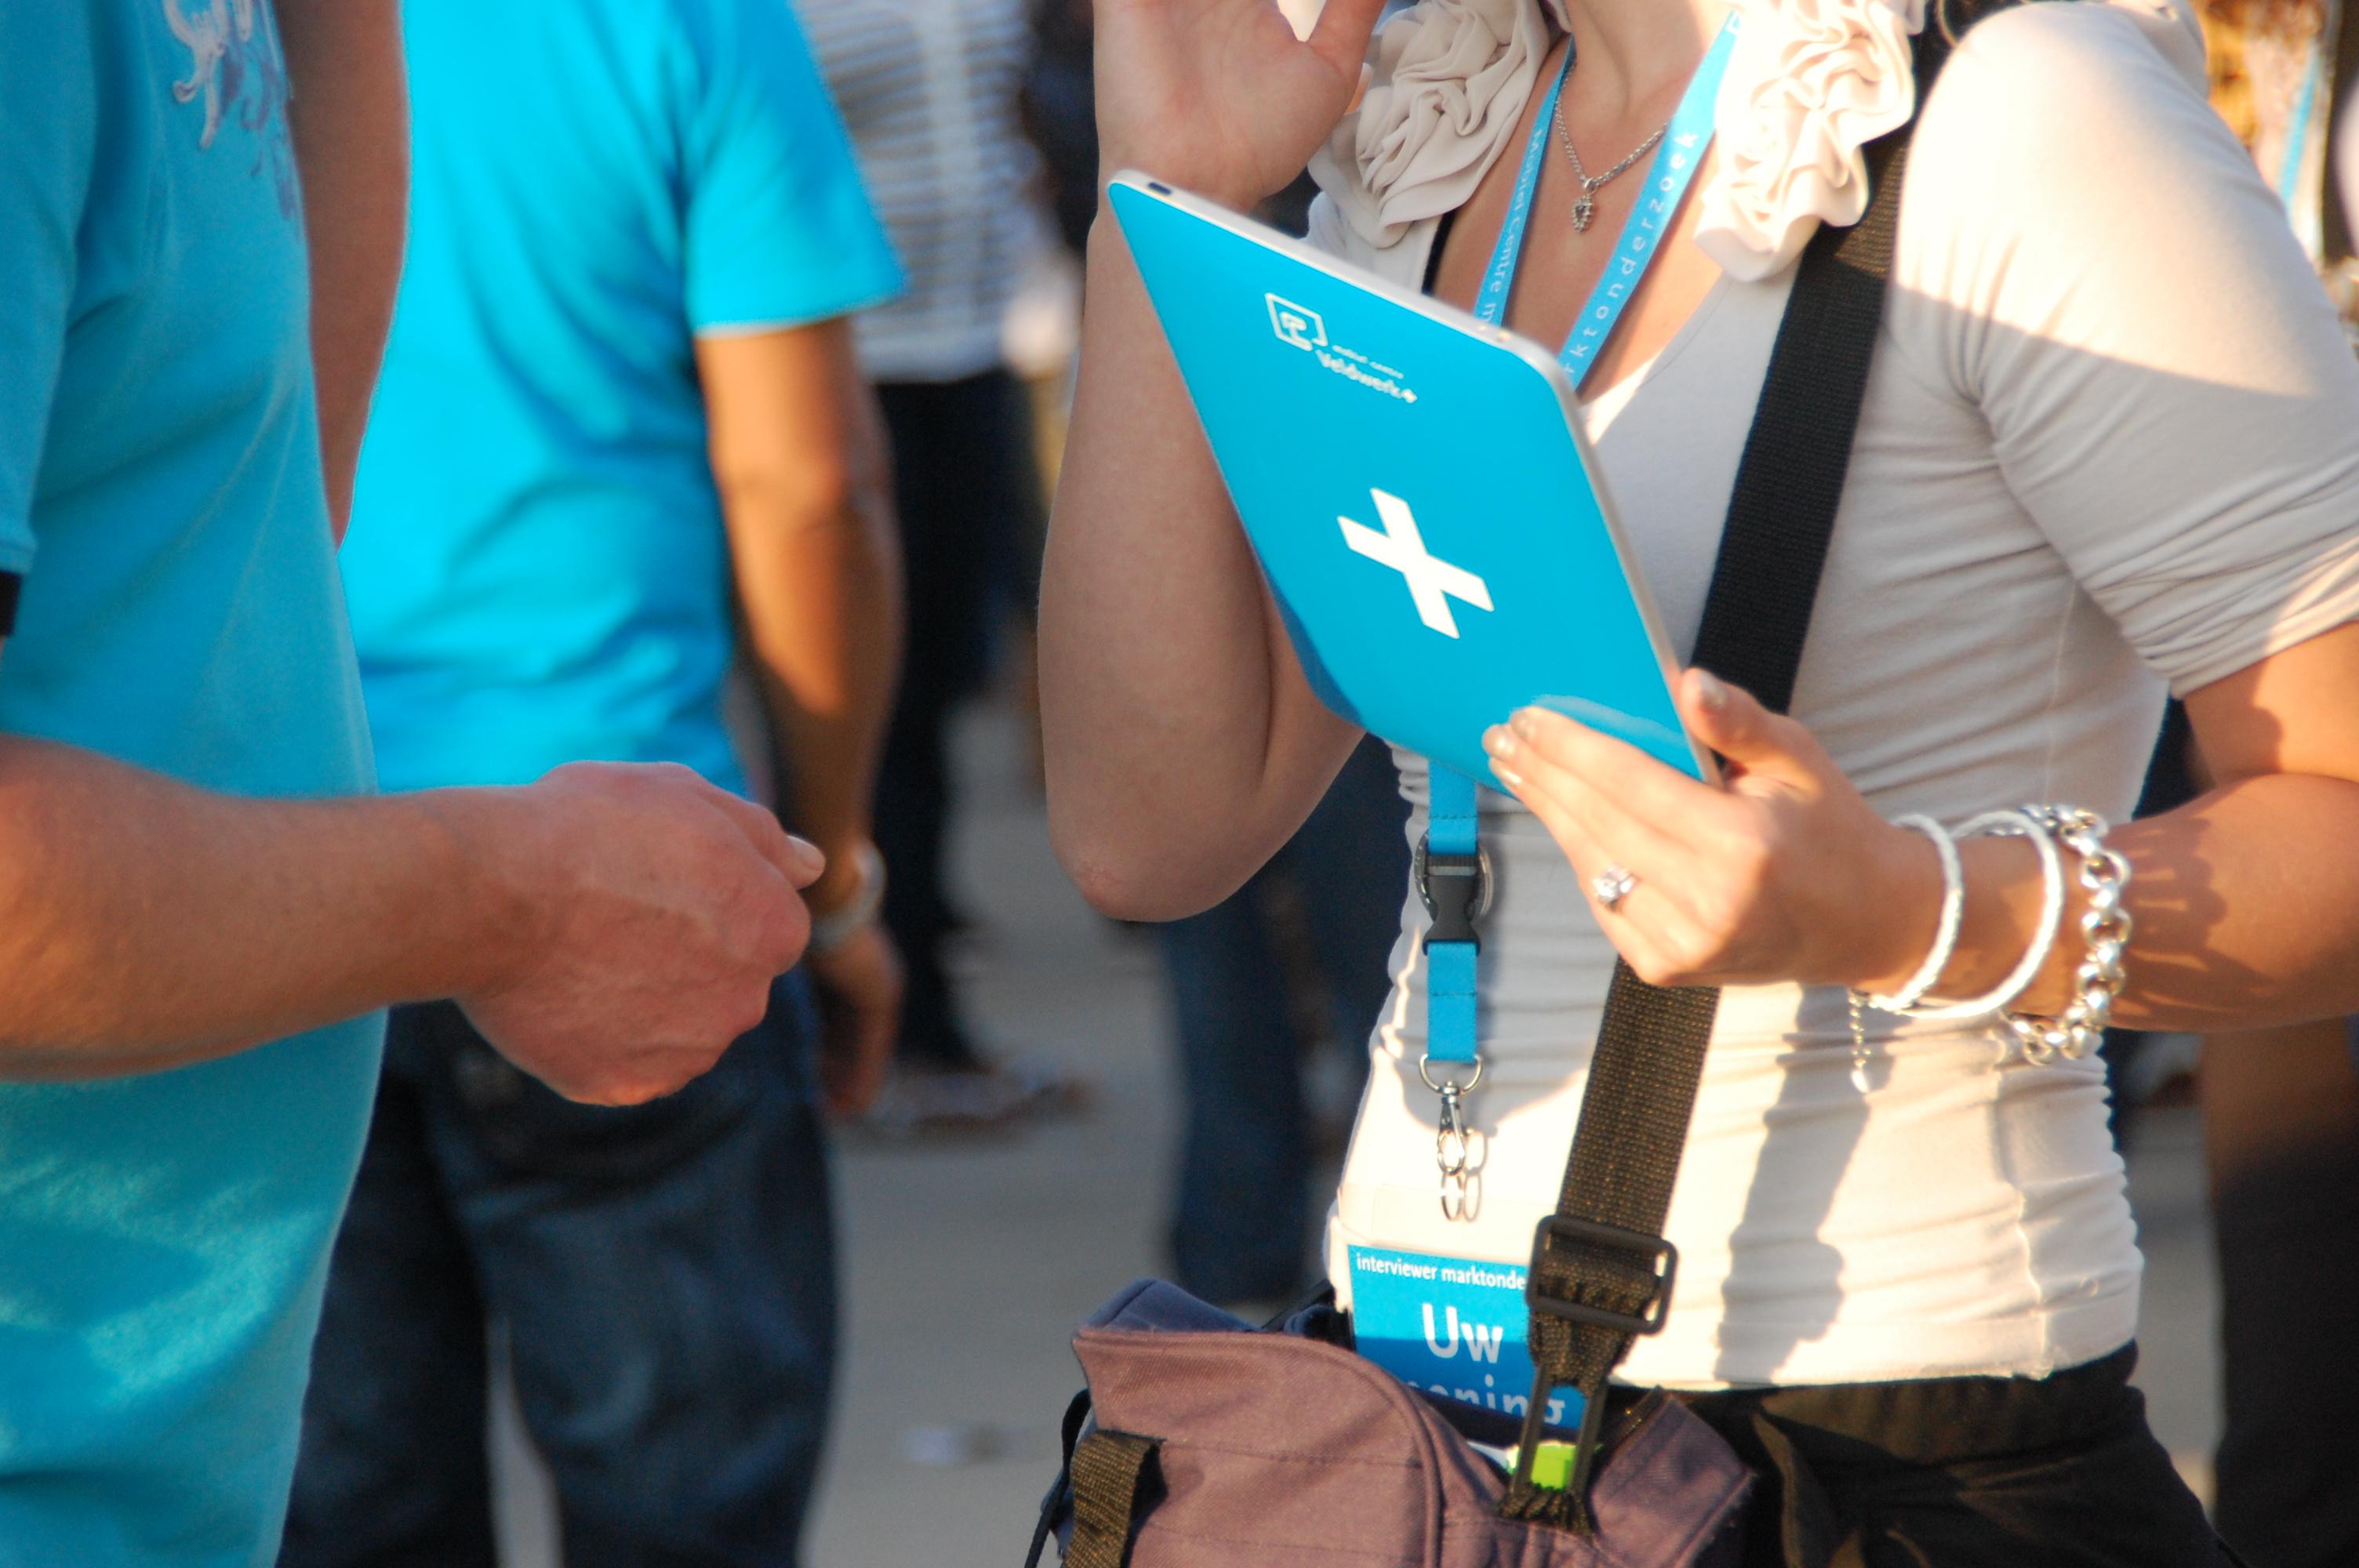 face-to-face marktonderzoek marktonderzoeker met tablet voor face-to-face datacollectie Marktonderzoek Mobiel Centre